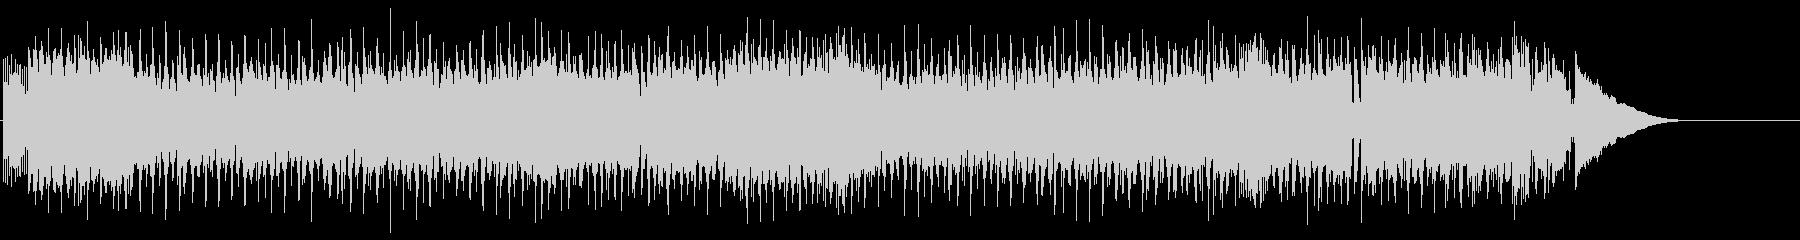 オルタナティブポップインスト。弾む...の未再生の波形